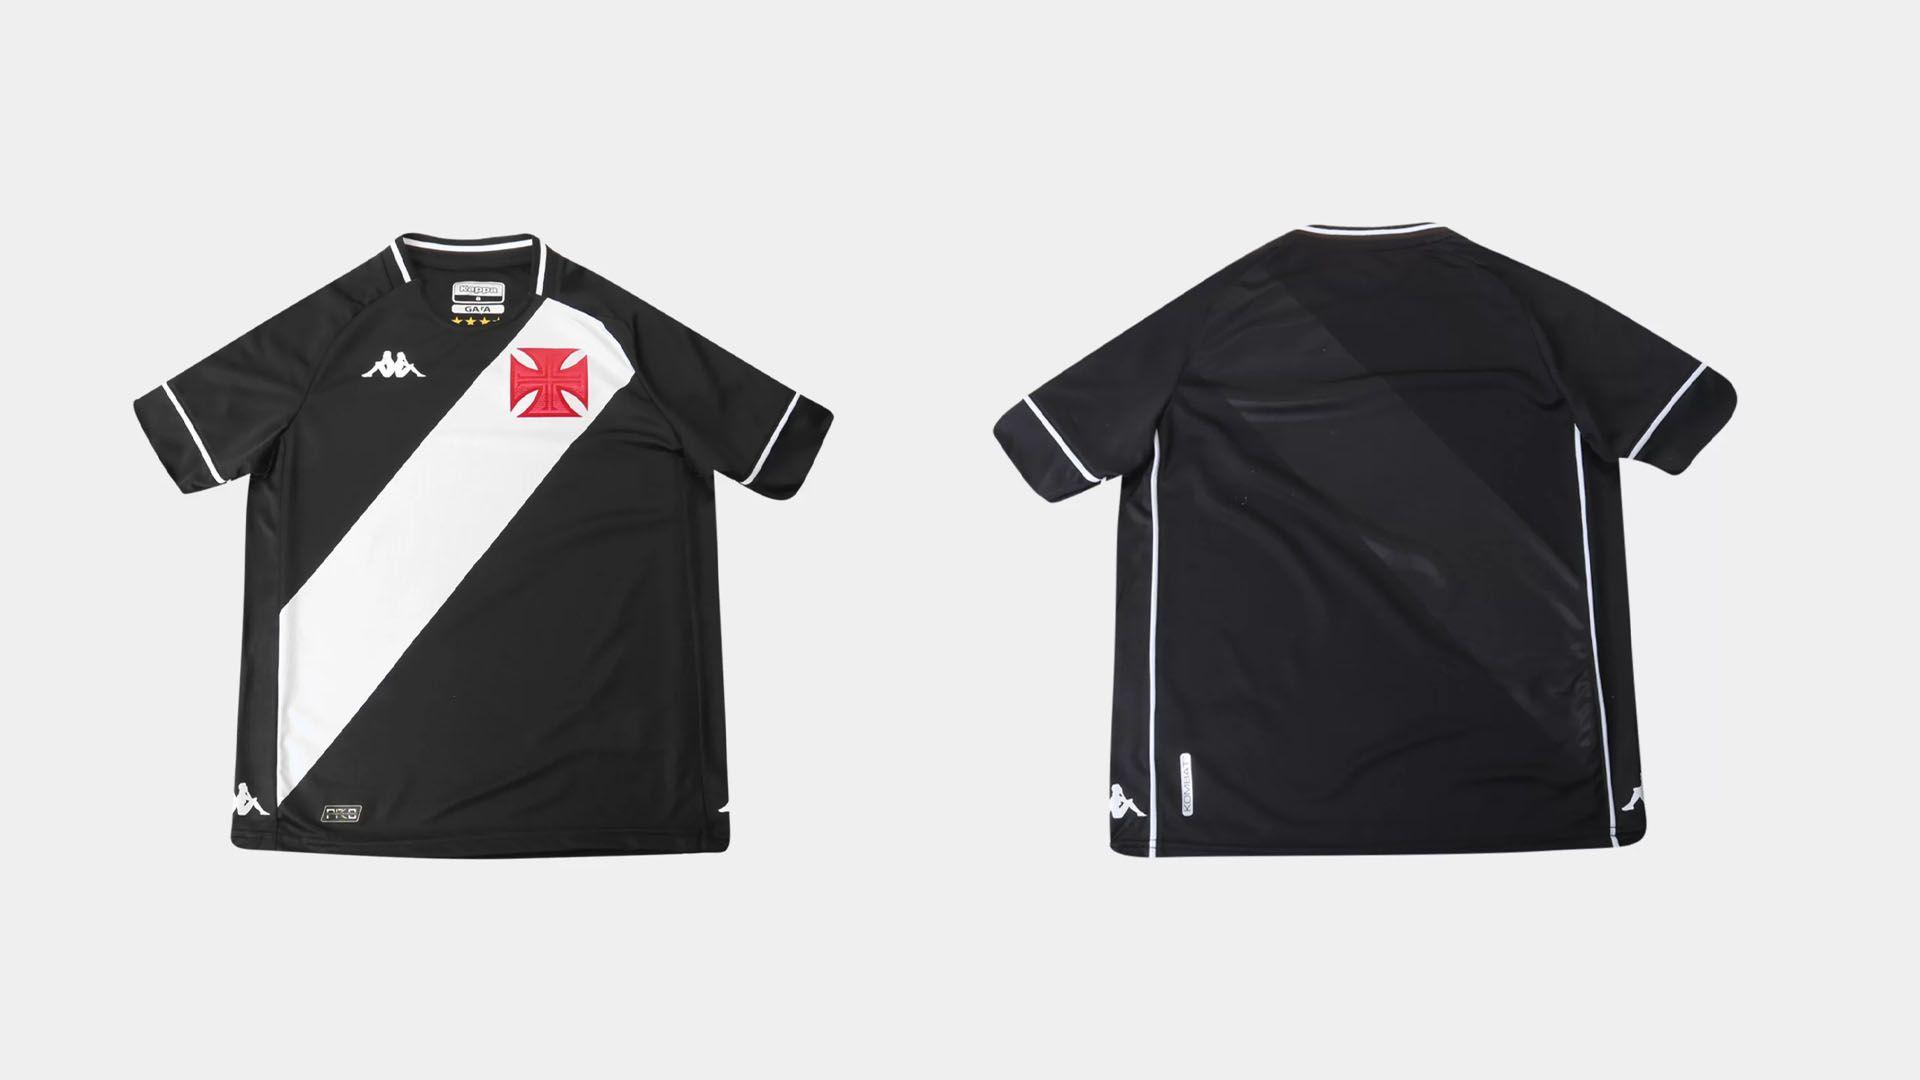 Camisa do Vasco Infantil 2020 Kappa Jogo 1 (Imagem: Divulgação/Kappa)